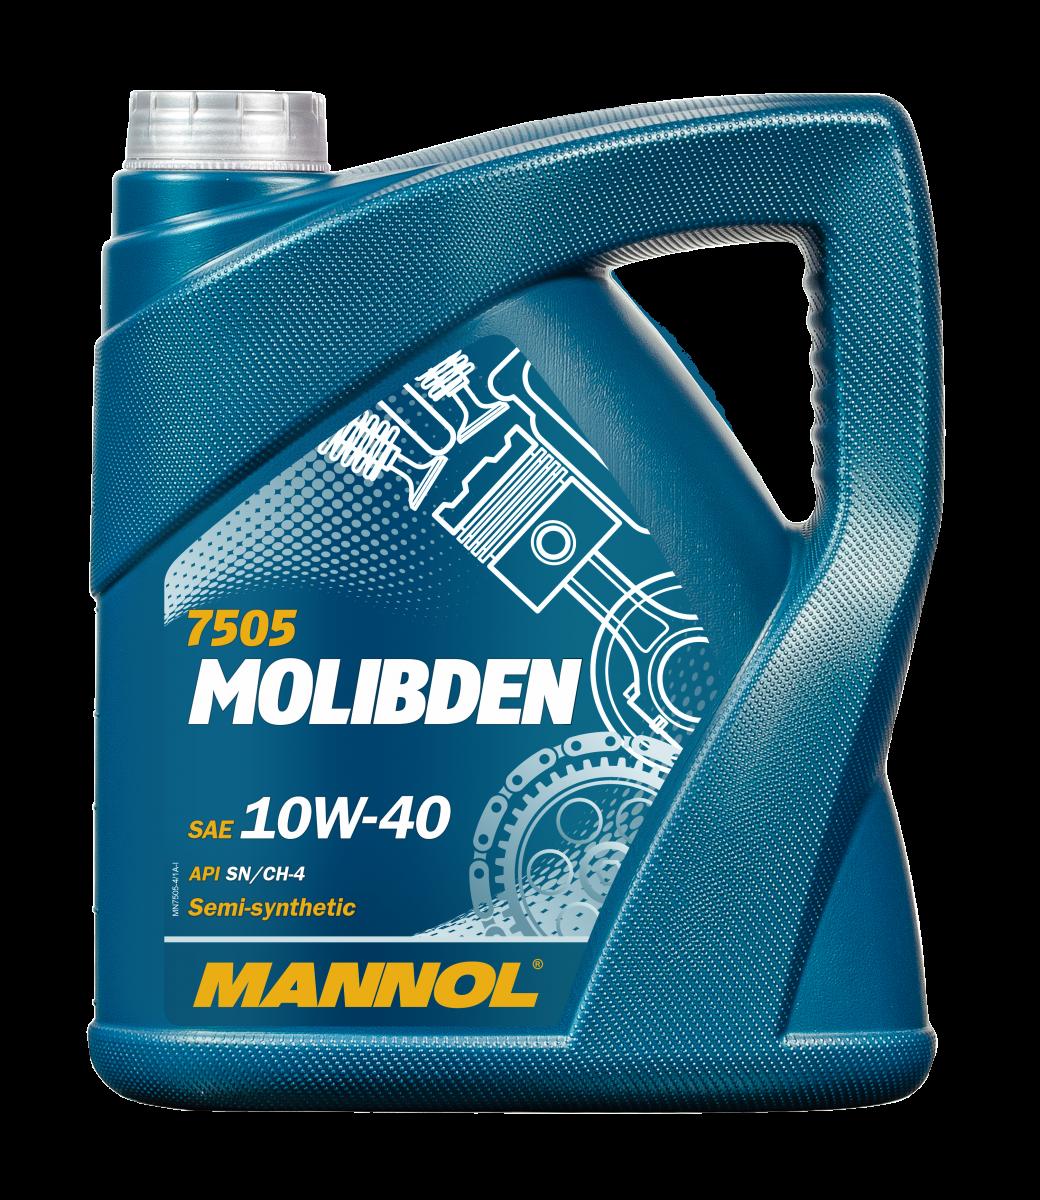 Achat de MN7505-4 MANNOL MOLIBDEN BENZIN 10W-40, 4I, Huile en partie synthétique Huile moteur MN7505-4 pas chères